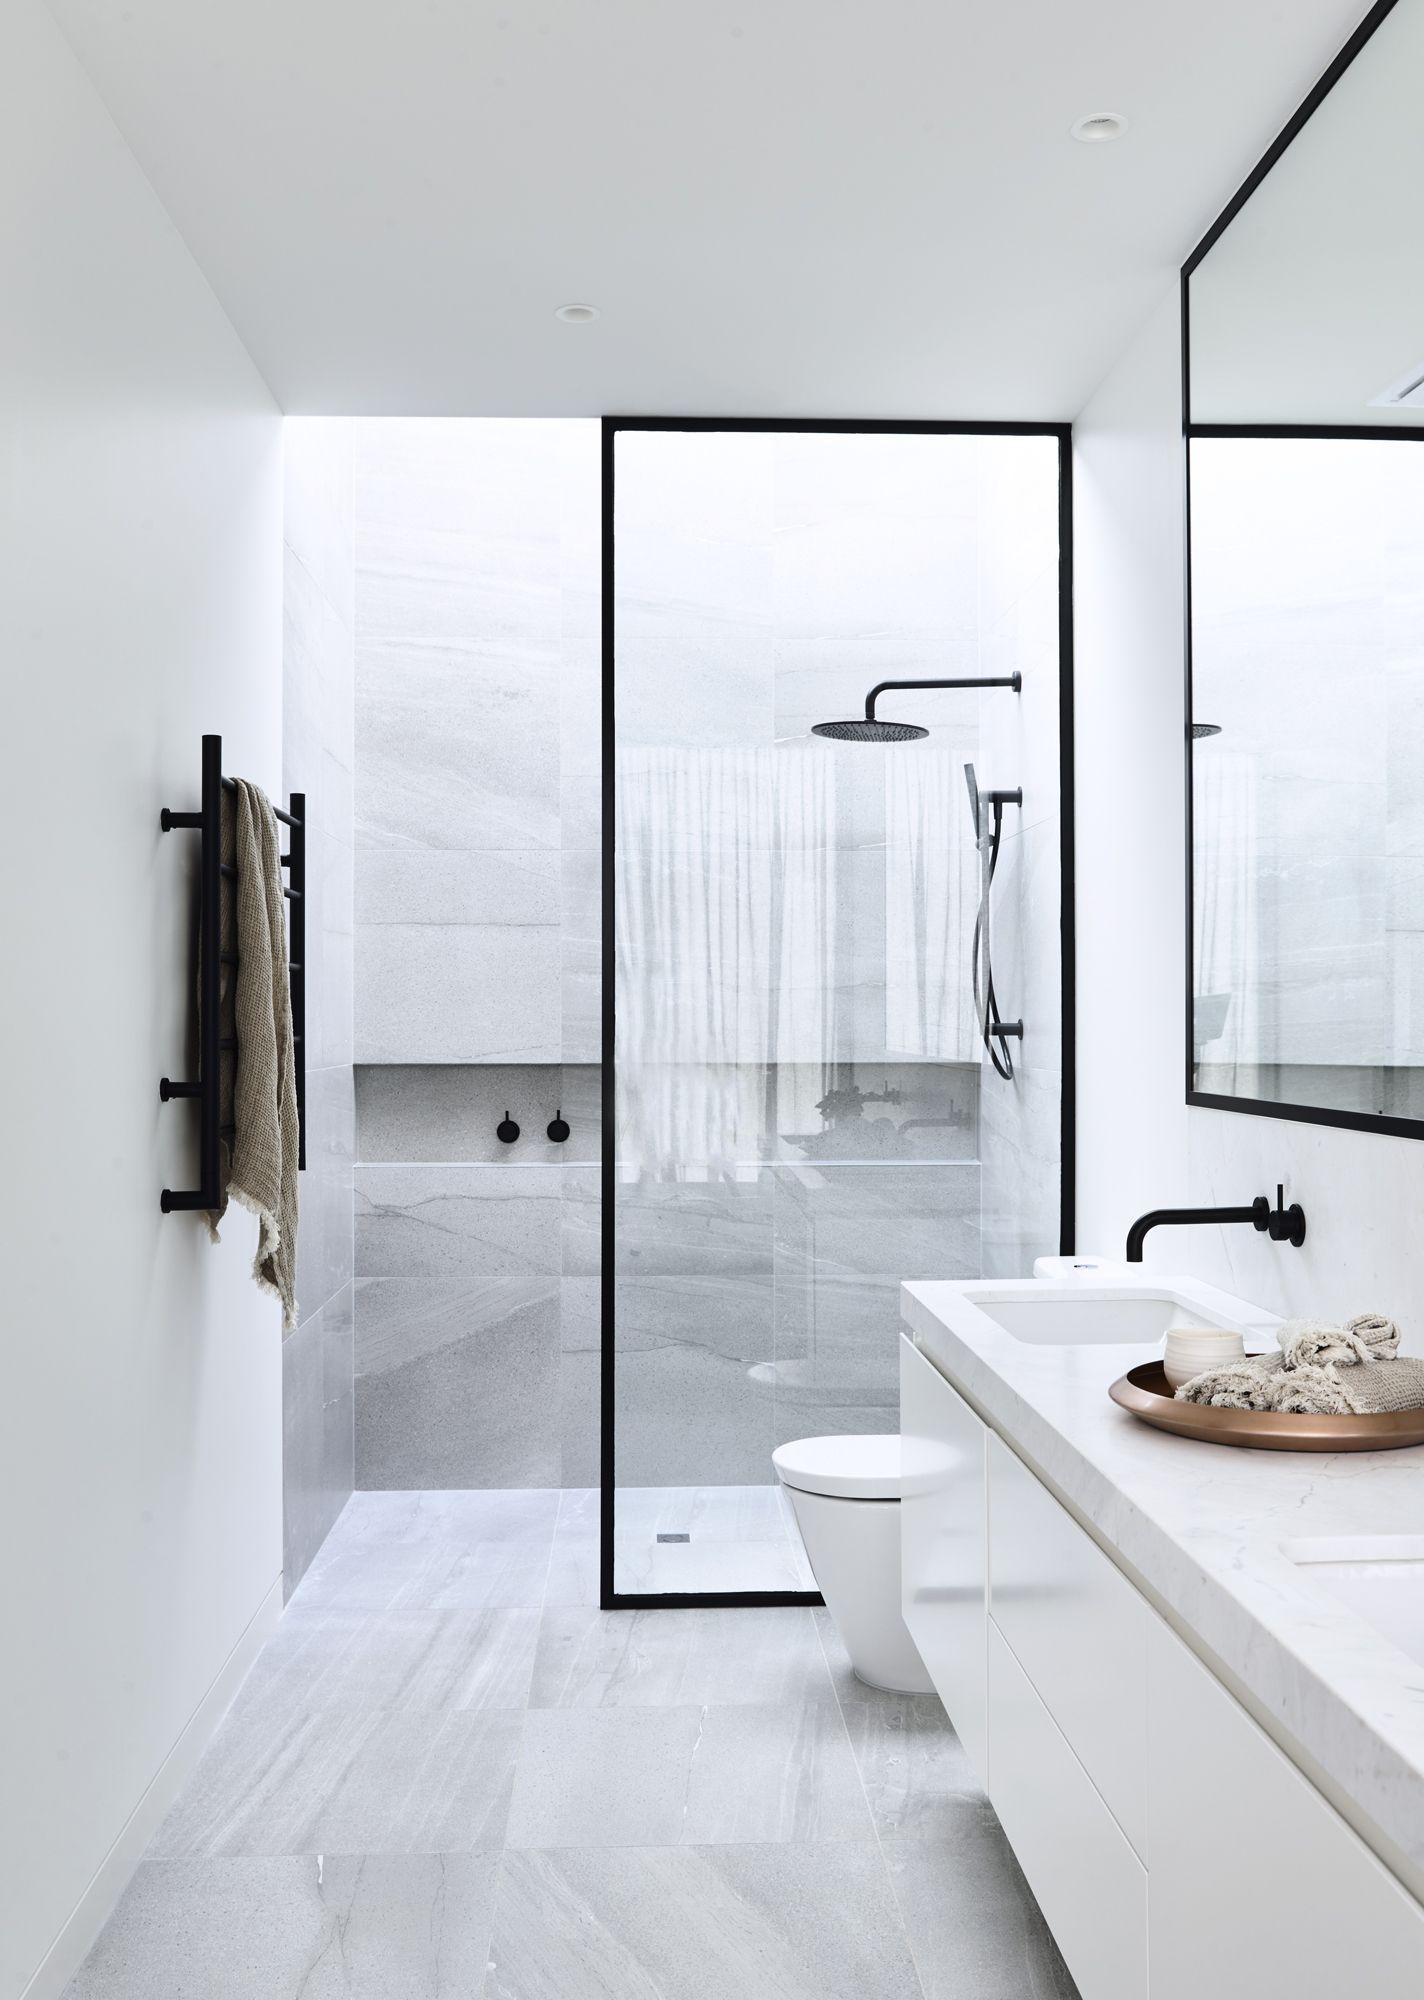 Pin Von Lala Auf Architecture Interior Design Kleine Badezimmer Badezimmer Und Badgestaltung